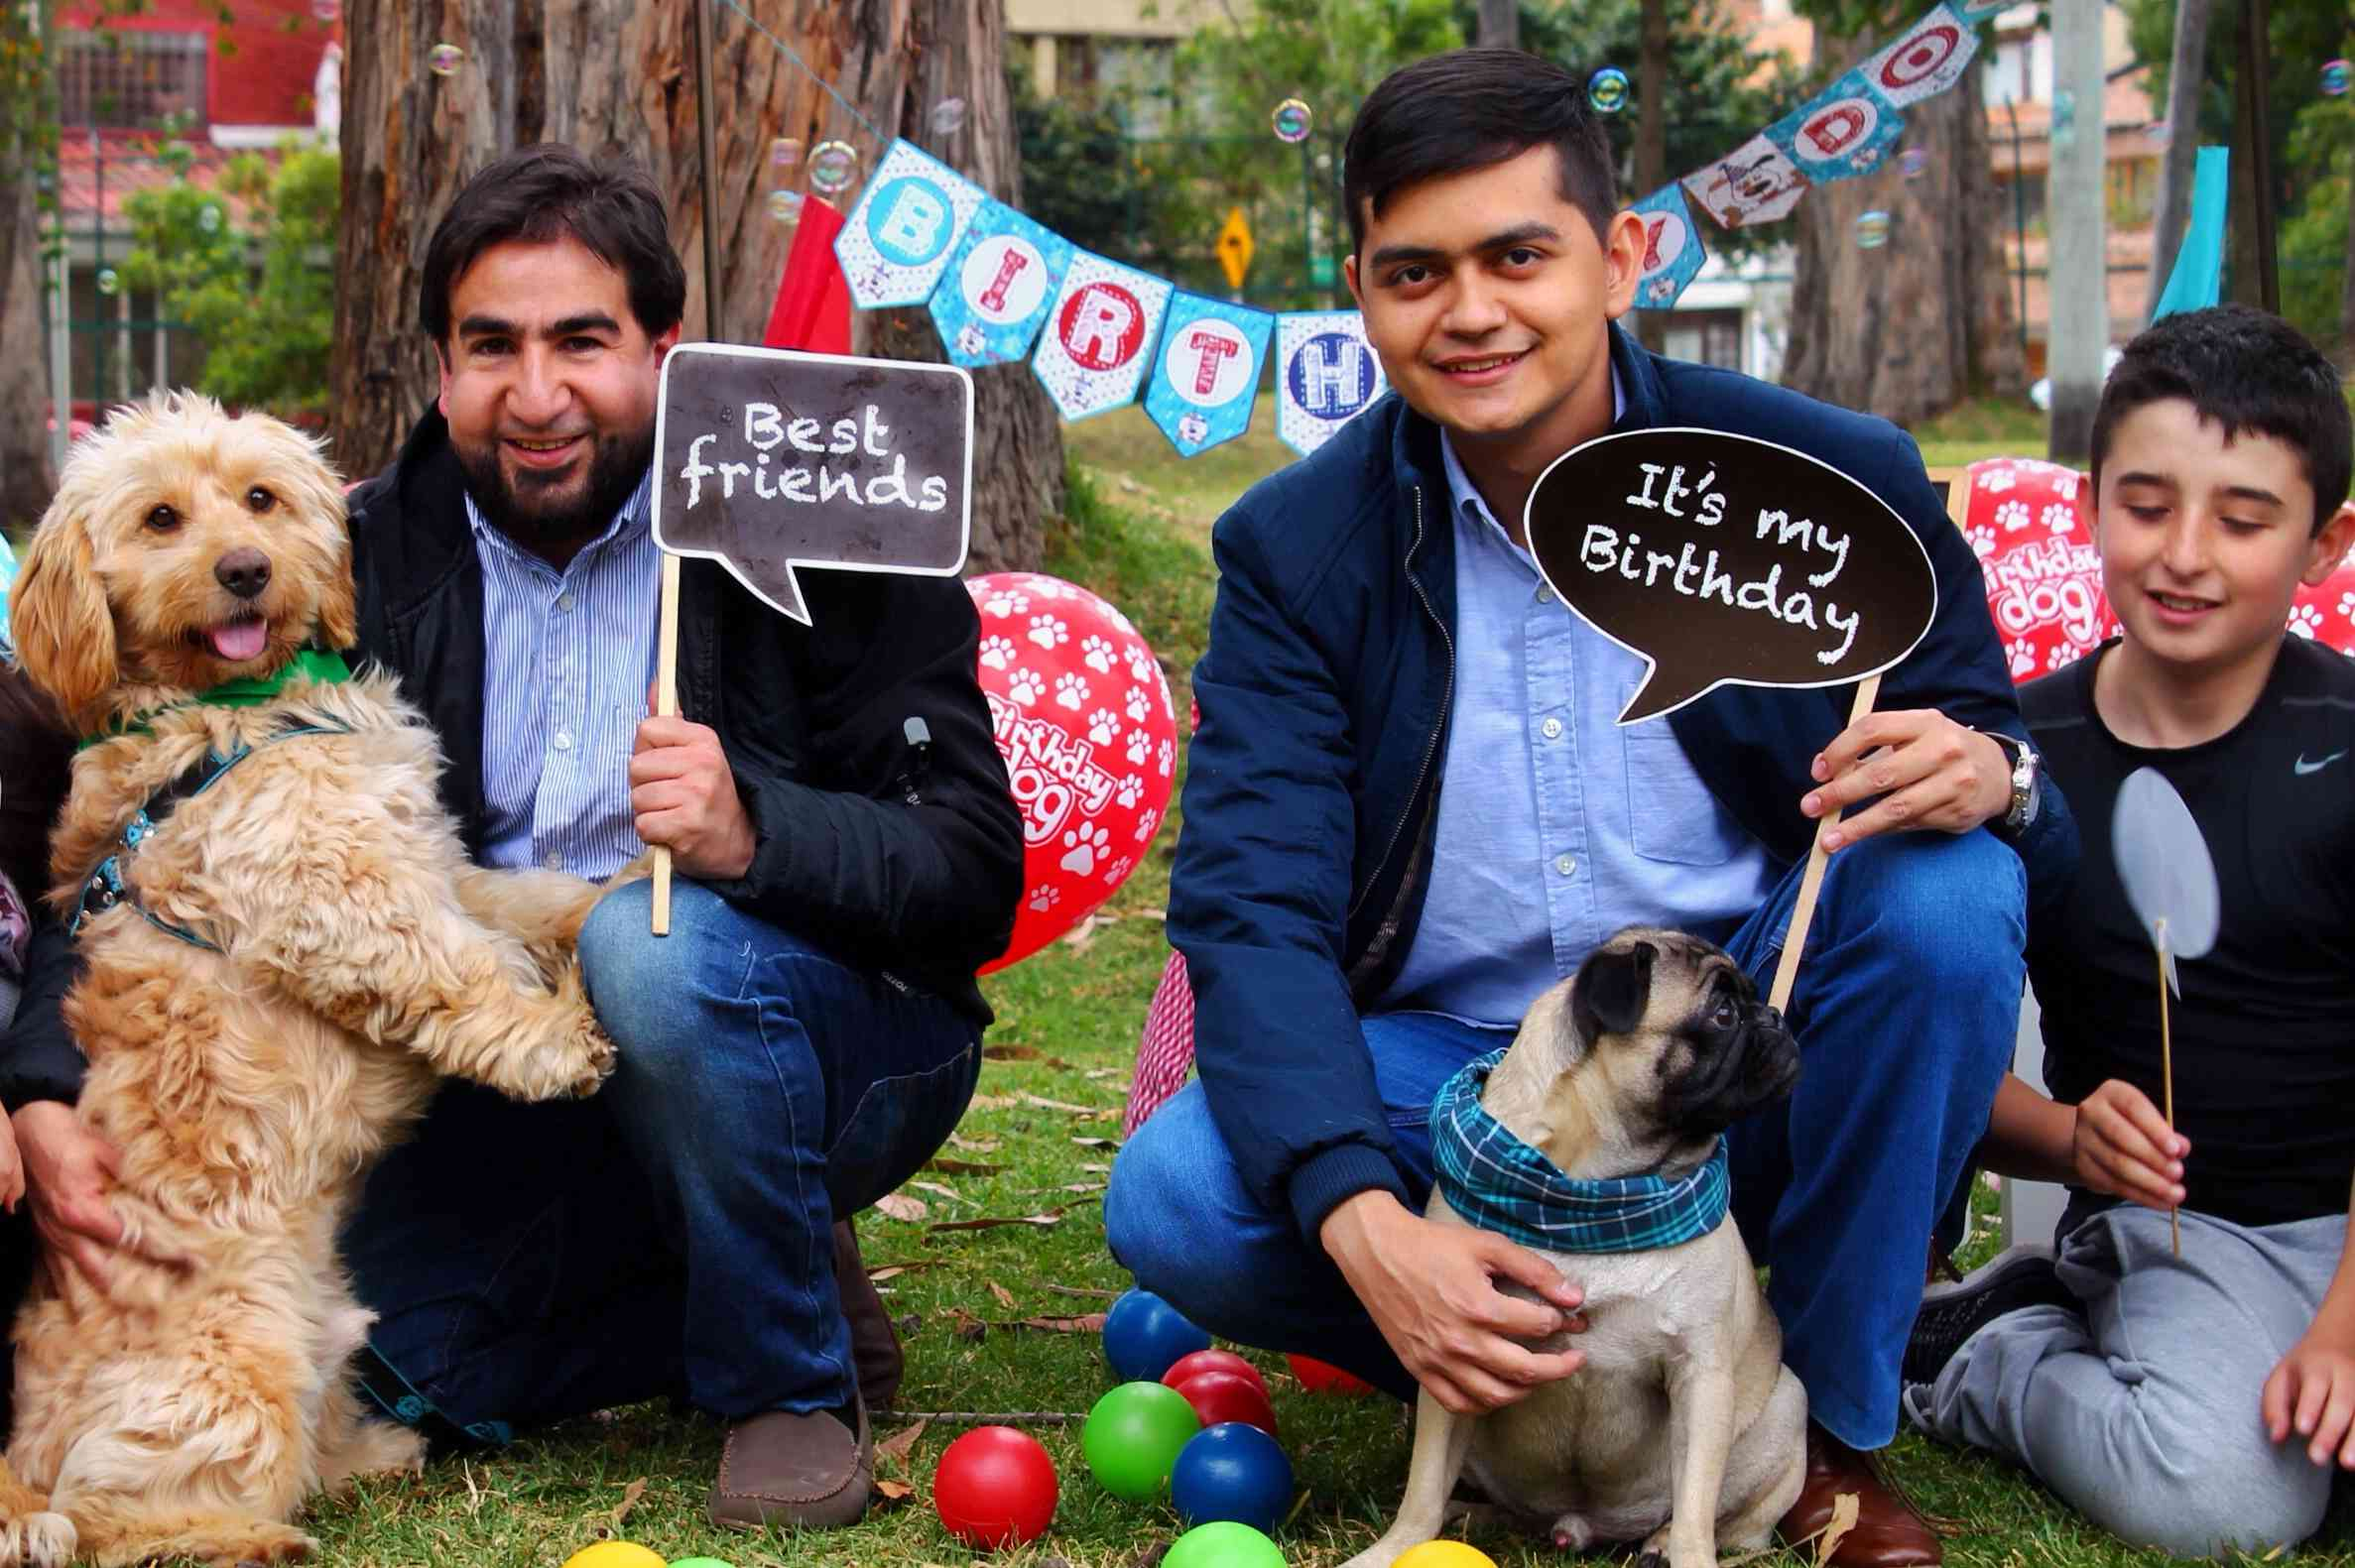 Negocio: Servicio de fiestas para mascotas